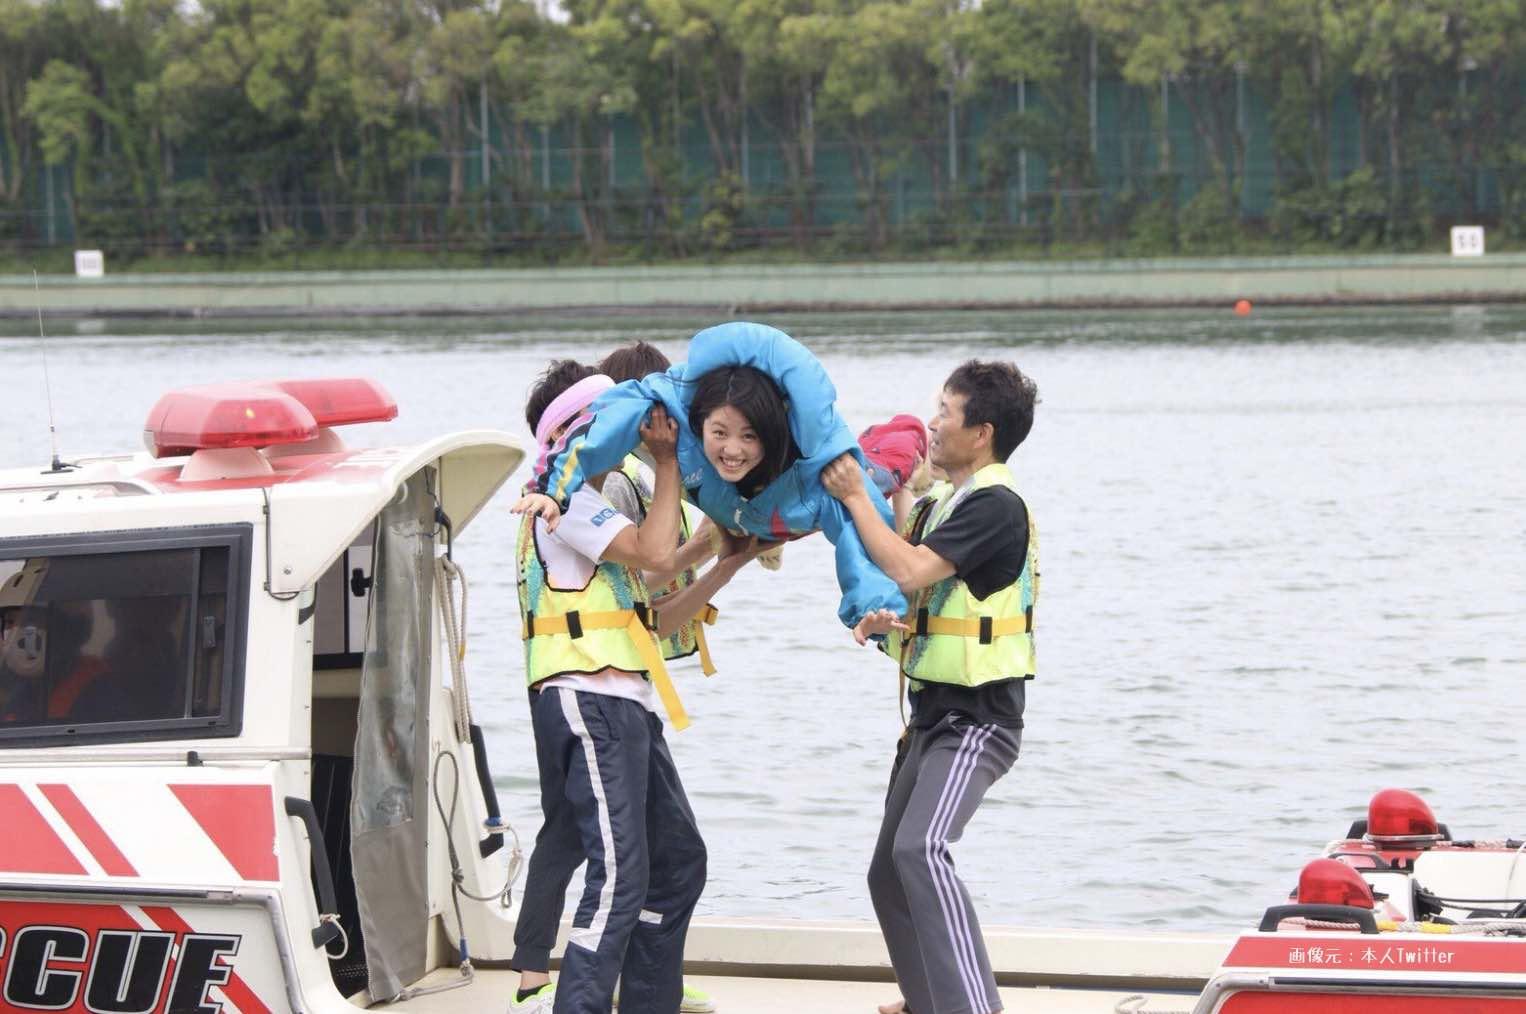 水神祭で見ずに投げ込まれる安井瑞紀選手という競艇選手